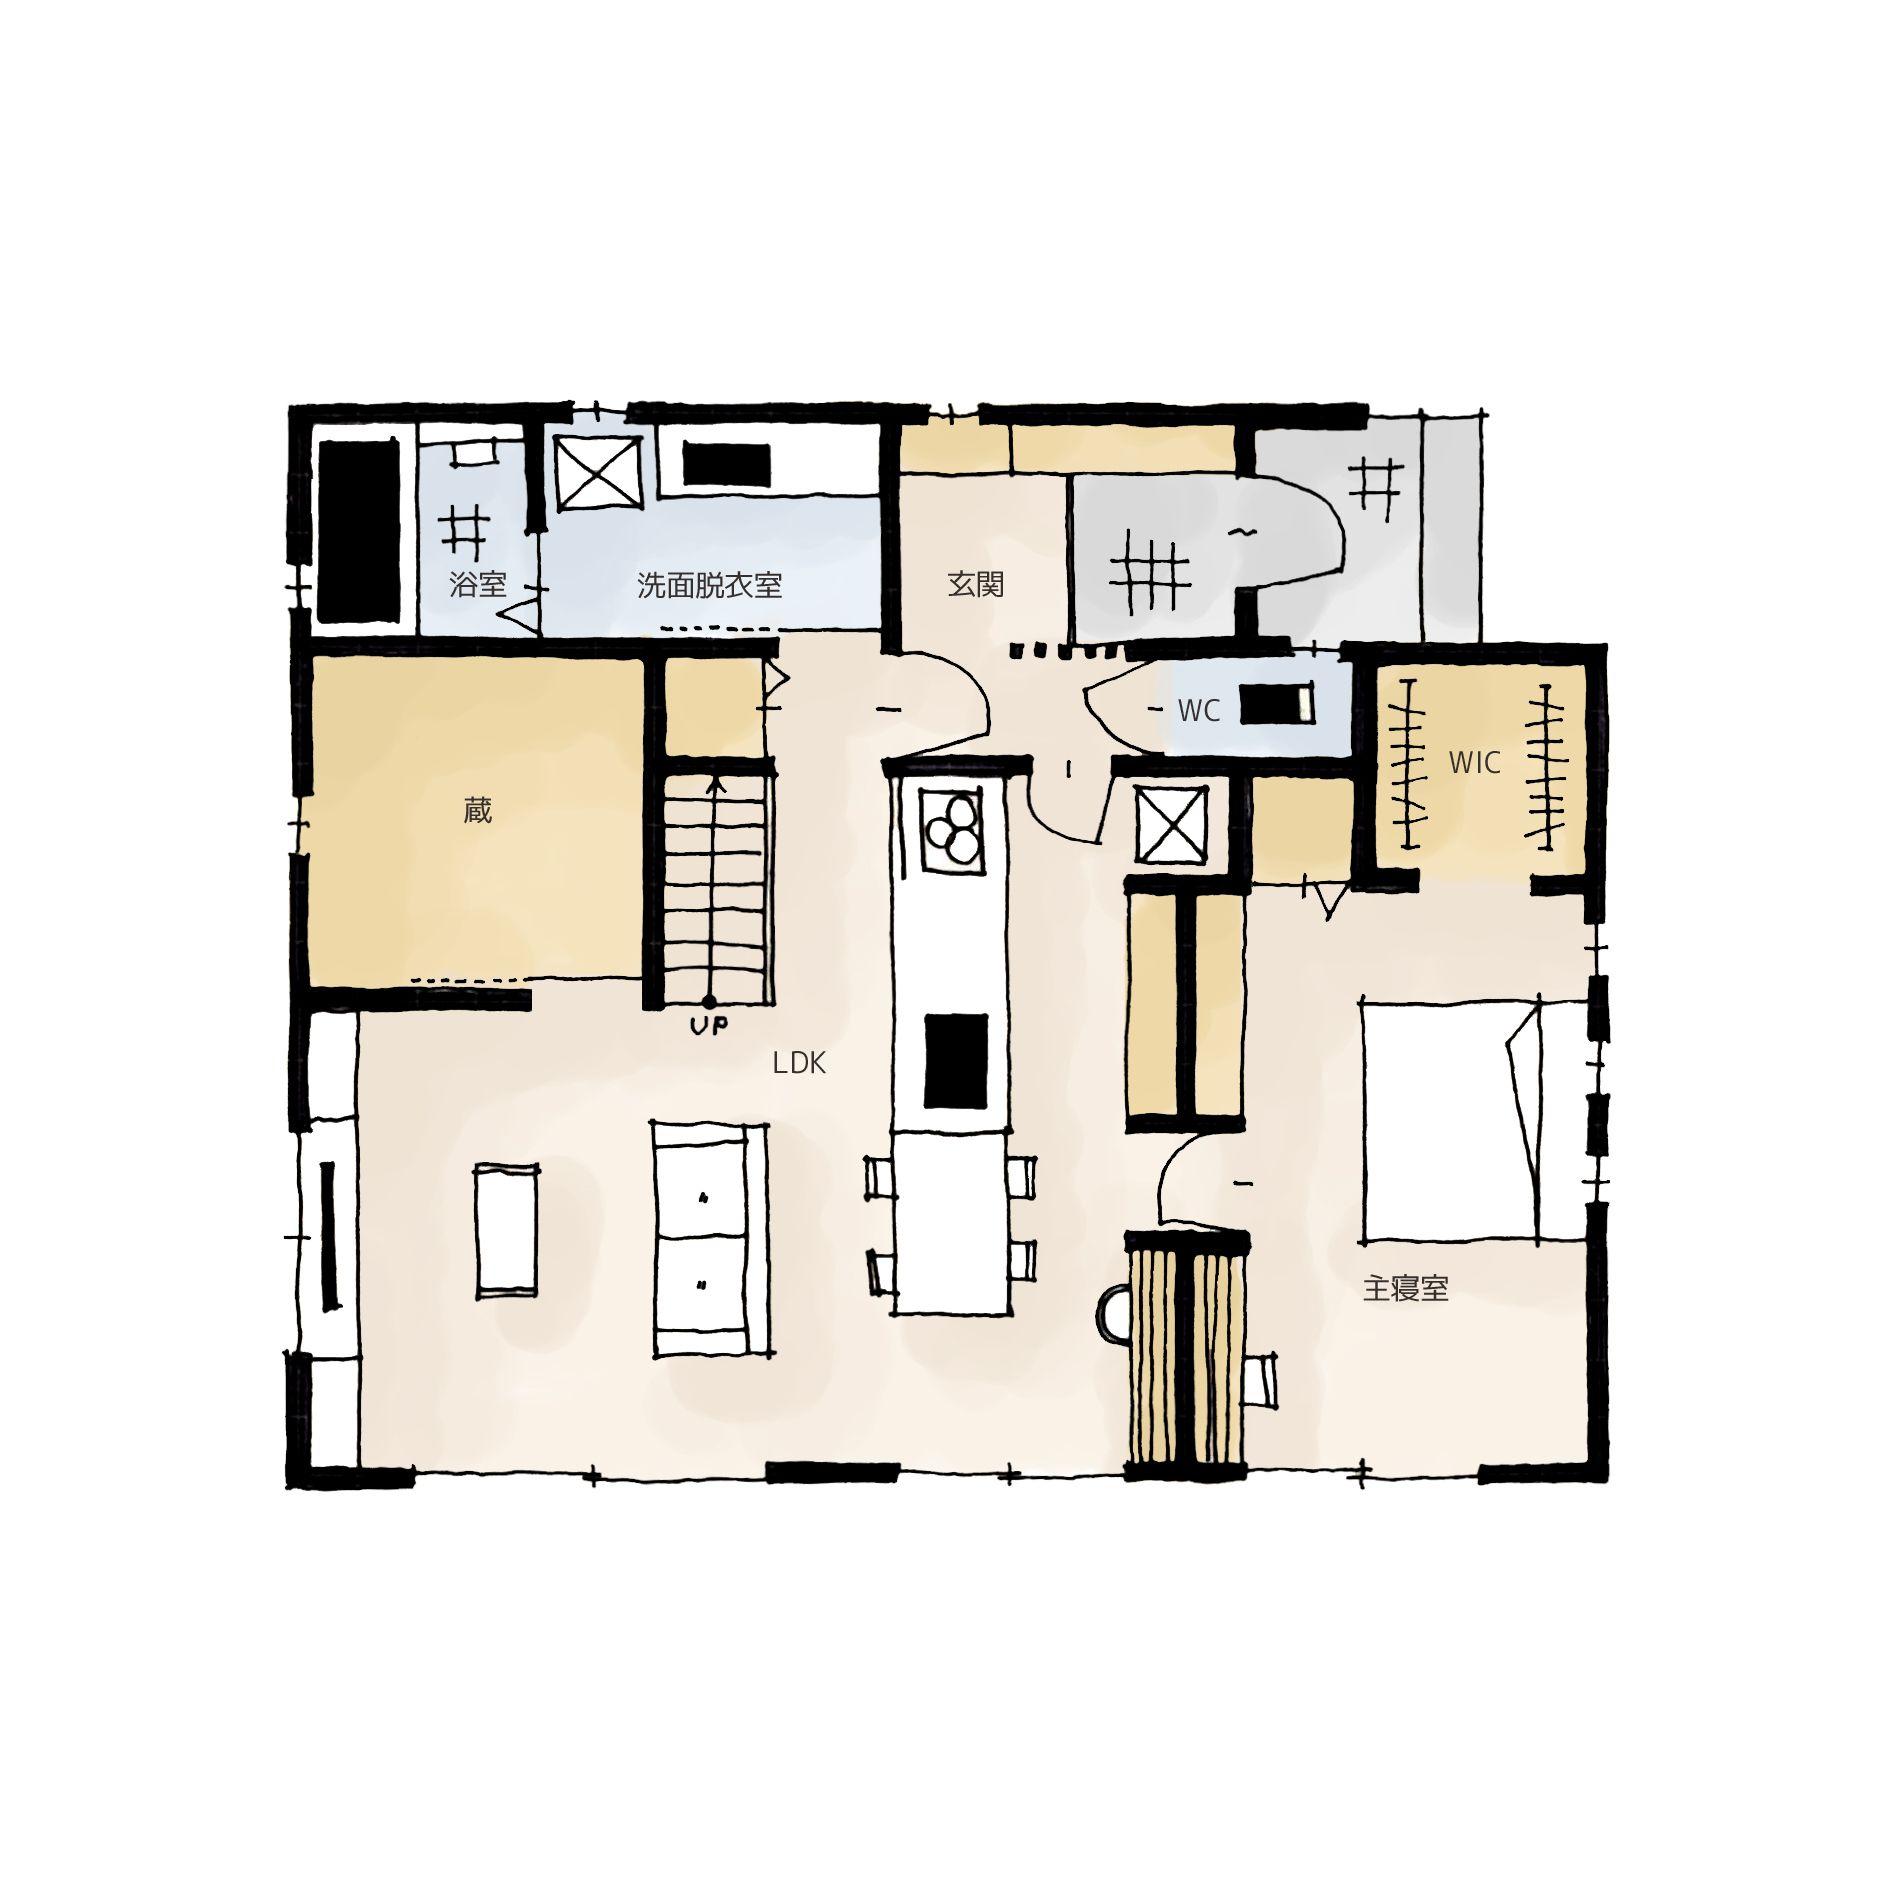 スペースを有効活用 蔵のある家の間取り 画像あり 間取り 蔵の